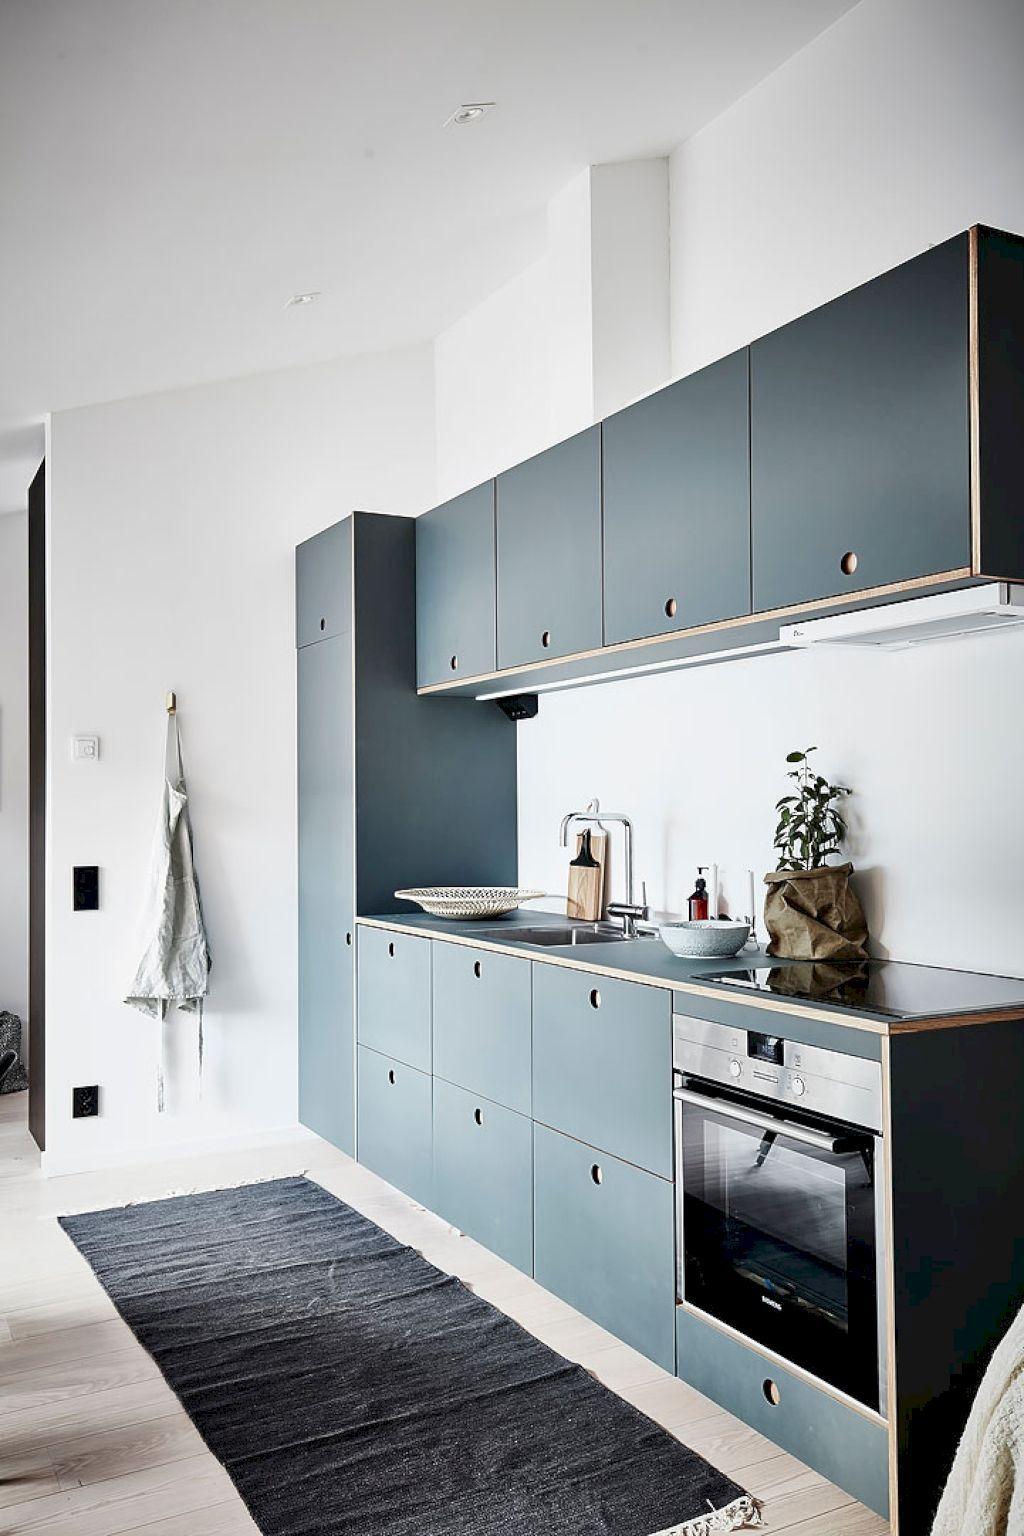 Gorgeous 41 Small Apartment Kitchen Ideas S Bellezaroom 2017 09 16